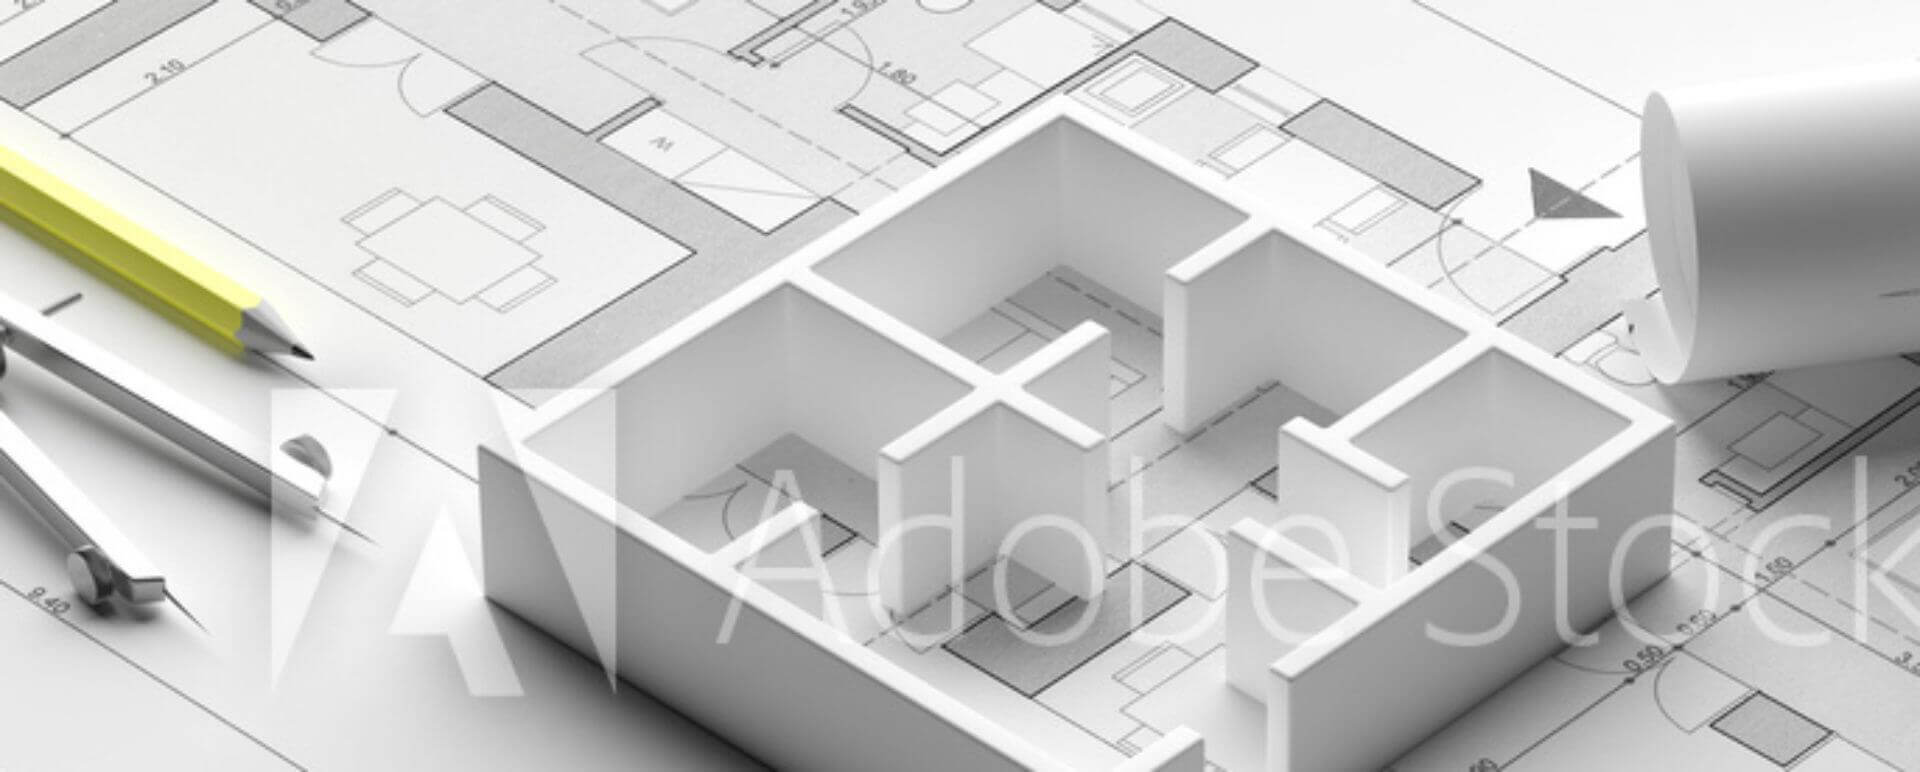 AK- inżynieria budowlana